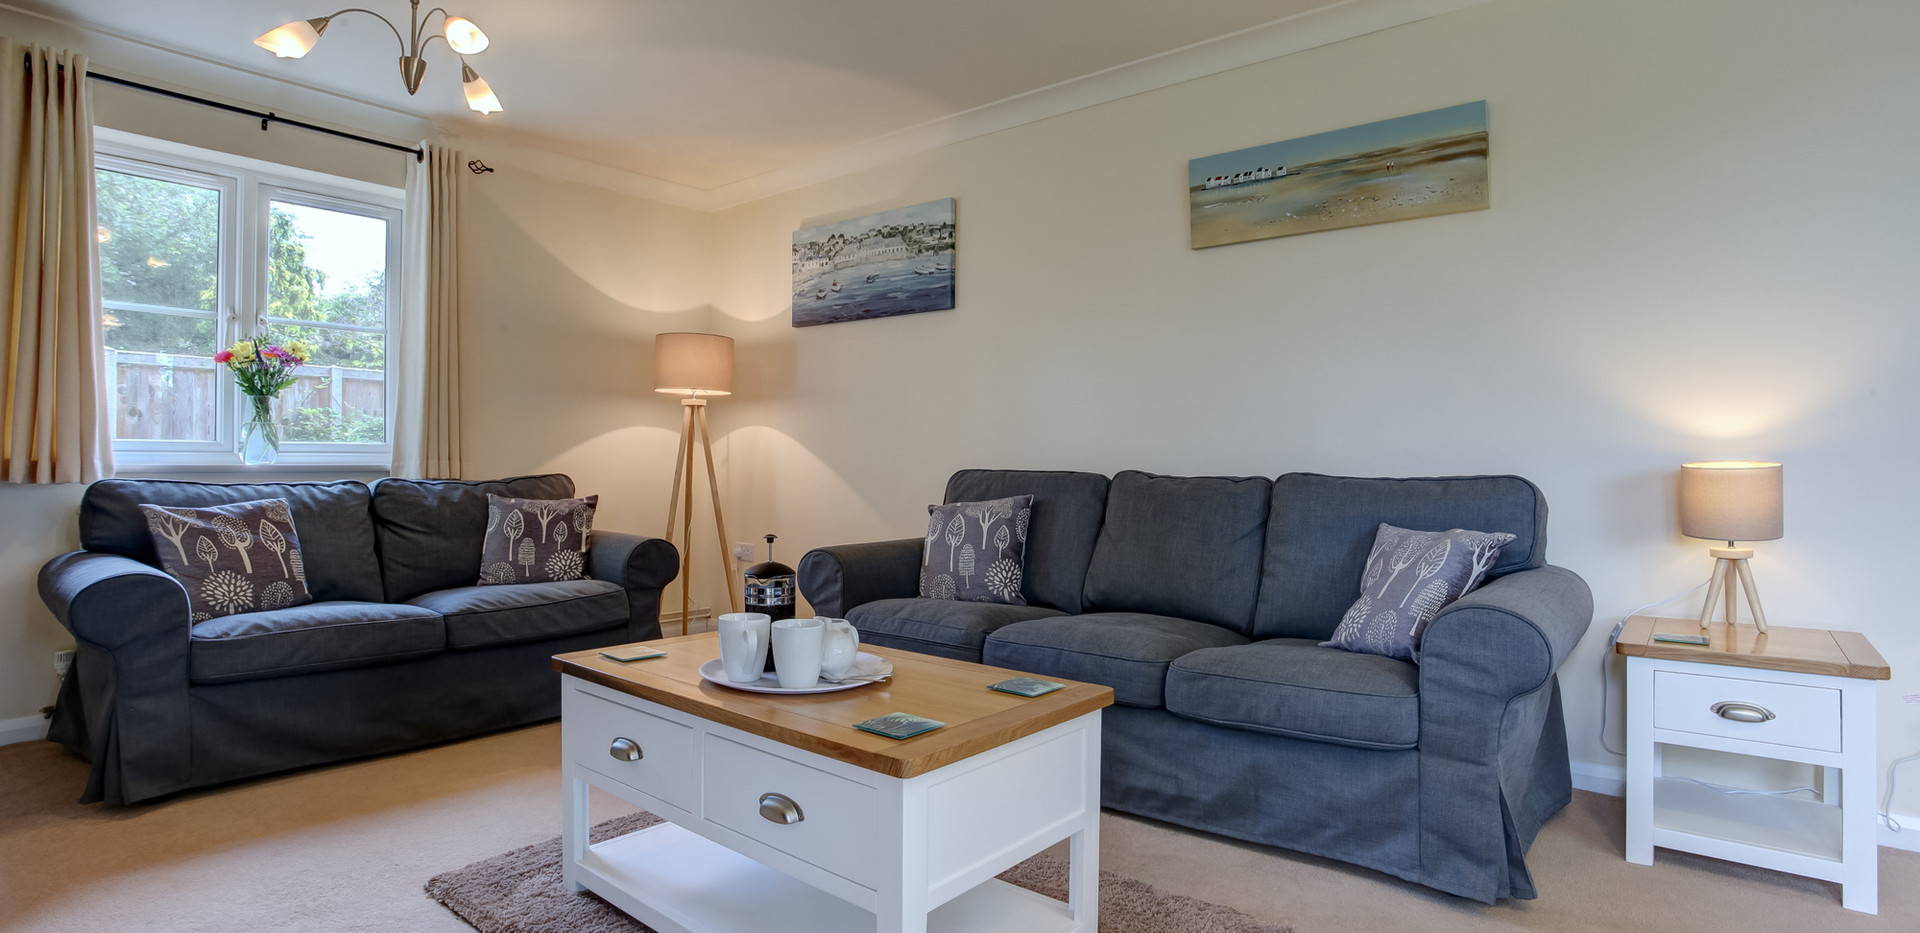 teasel-livingroom-2.jpg